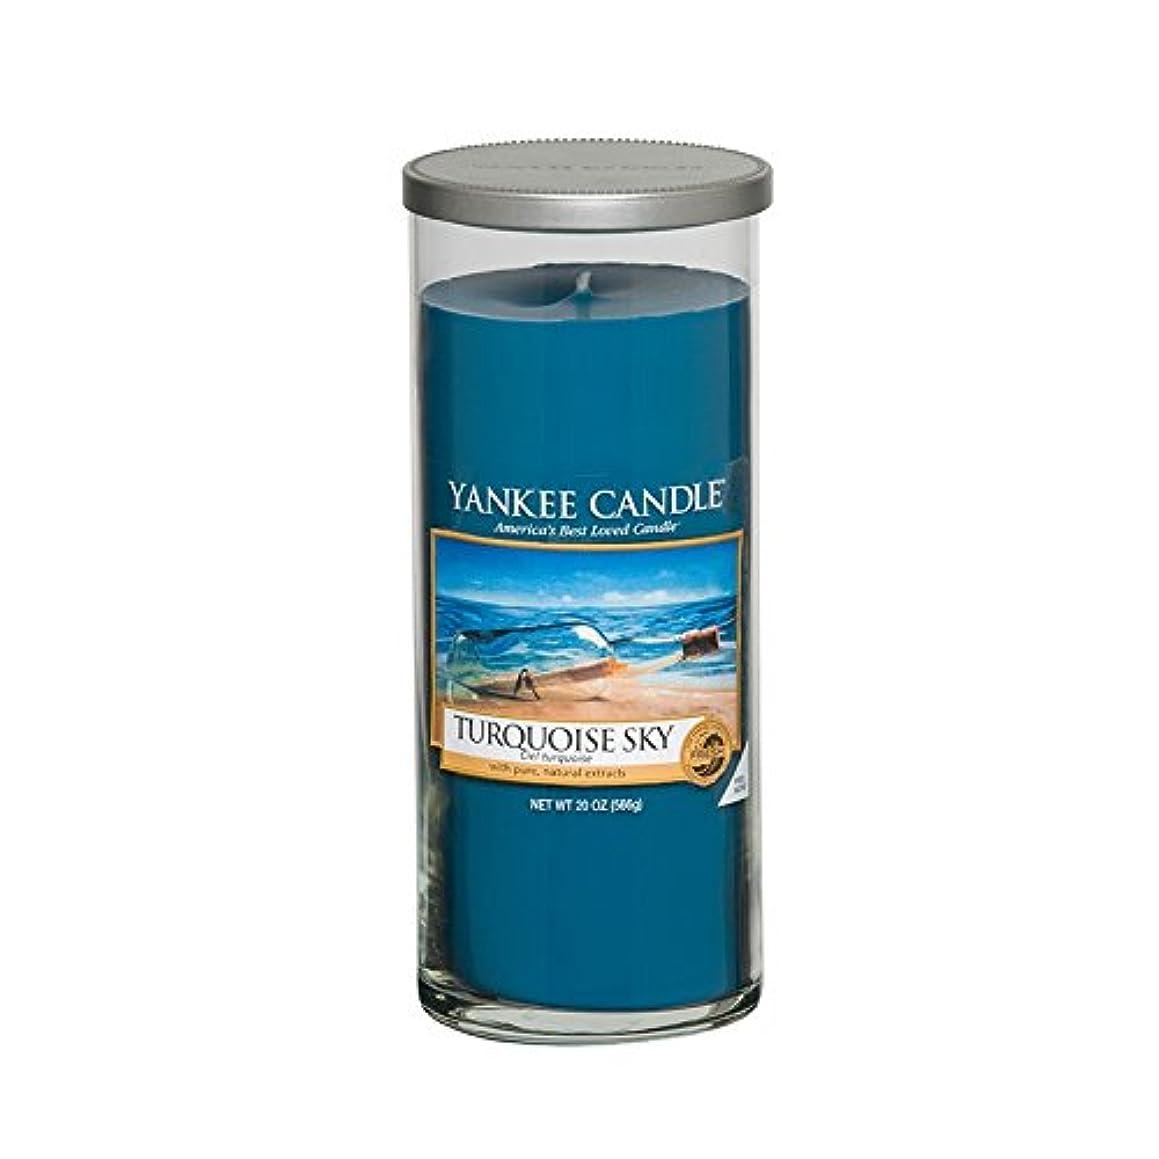 ファブリック爬虫類即席Yankee Candles Large Pillar Candle - Turquoise Sky (Pack of 2) - ヤンキーキャンドル大きな柱キャンドル - ターコイズの空 (x2) [並行輸入品]